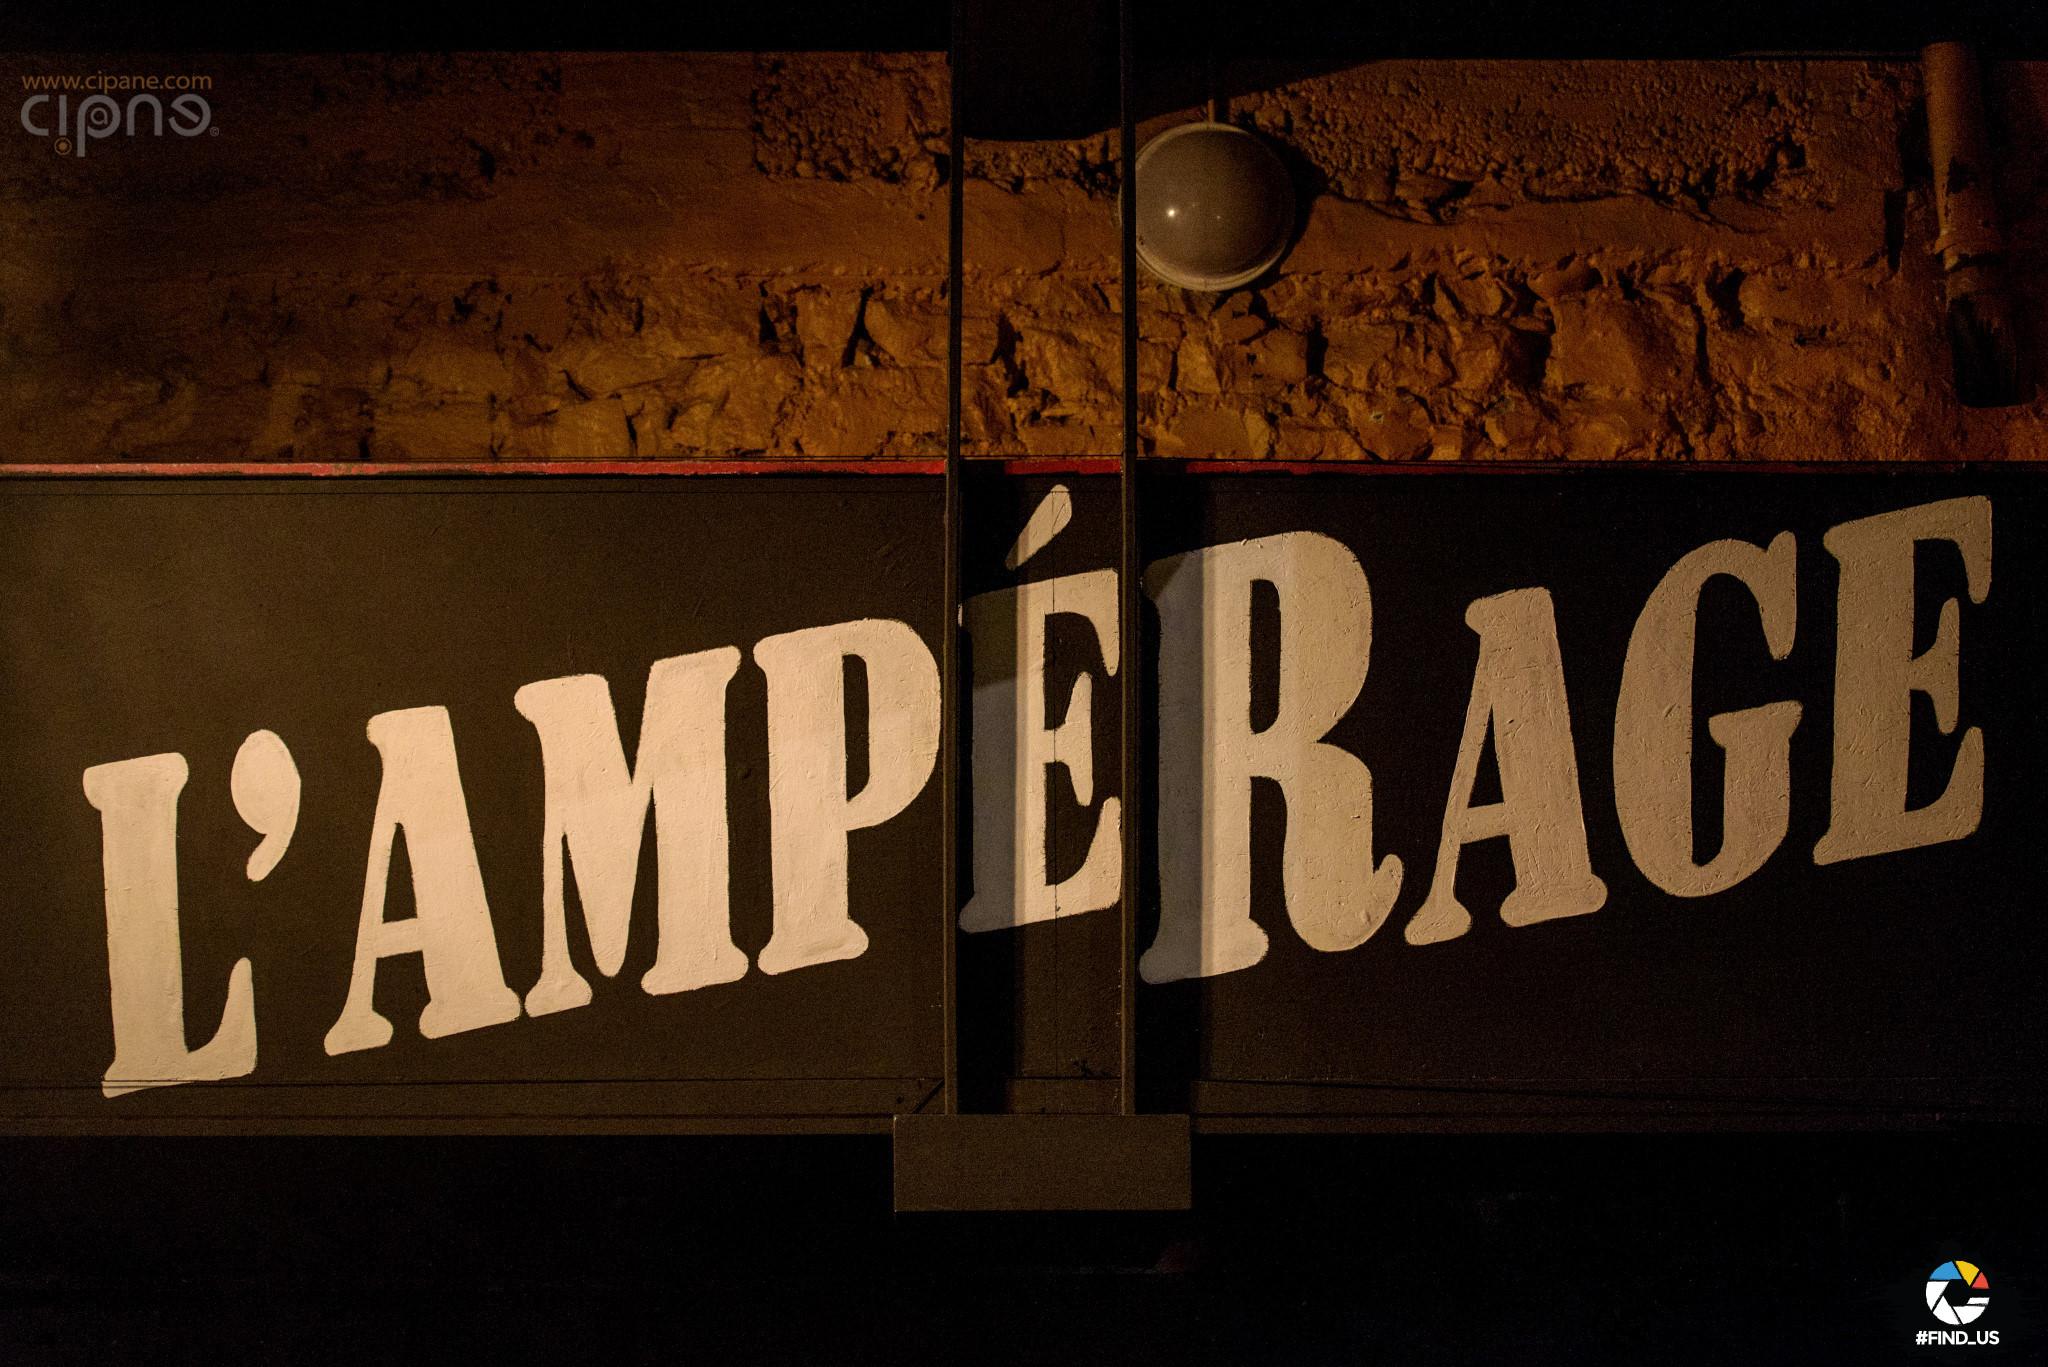 by © Ciprian Vladut - www.cipane.com